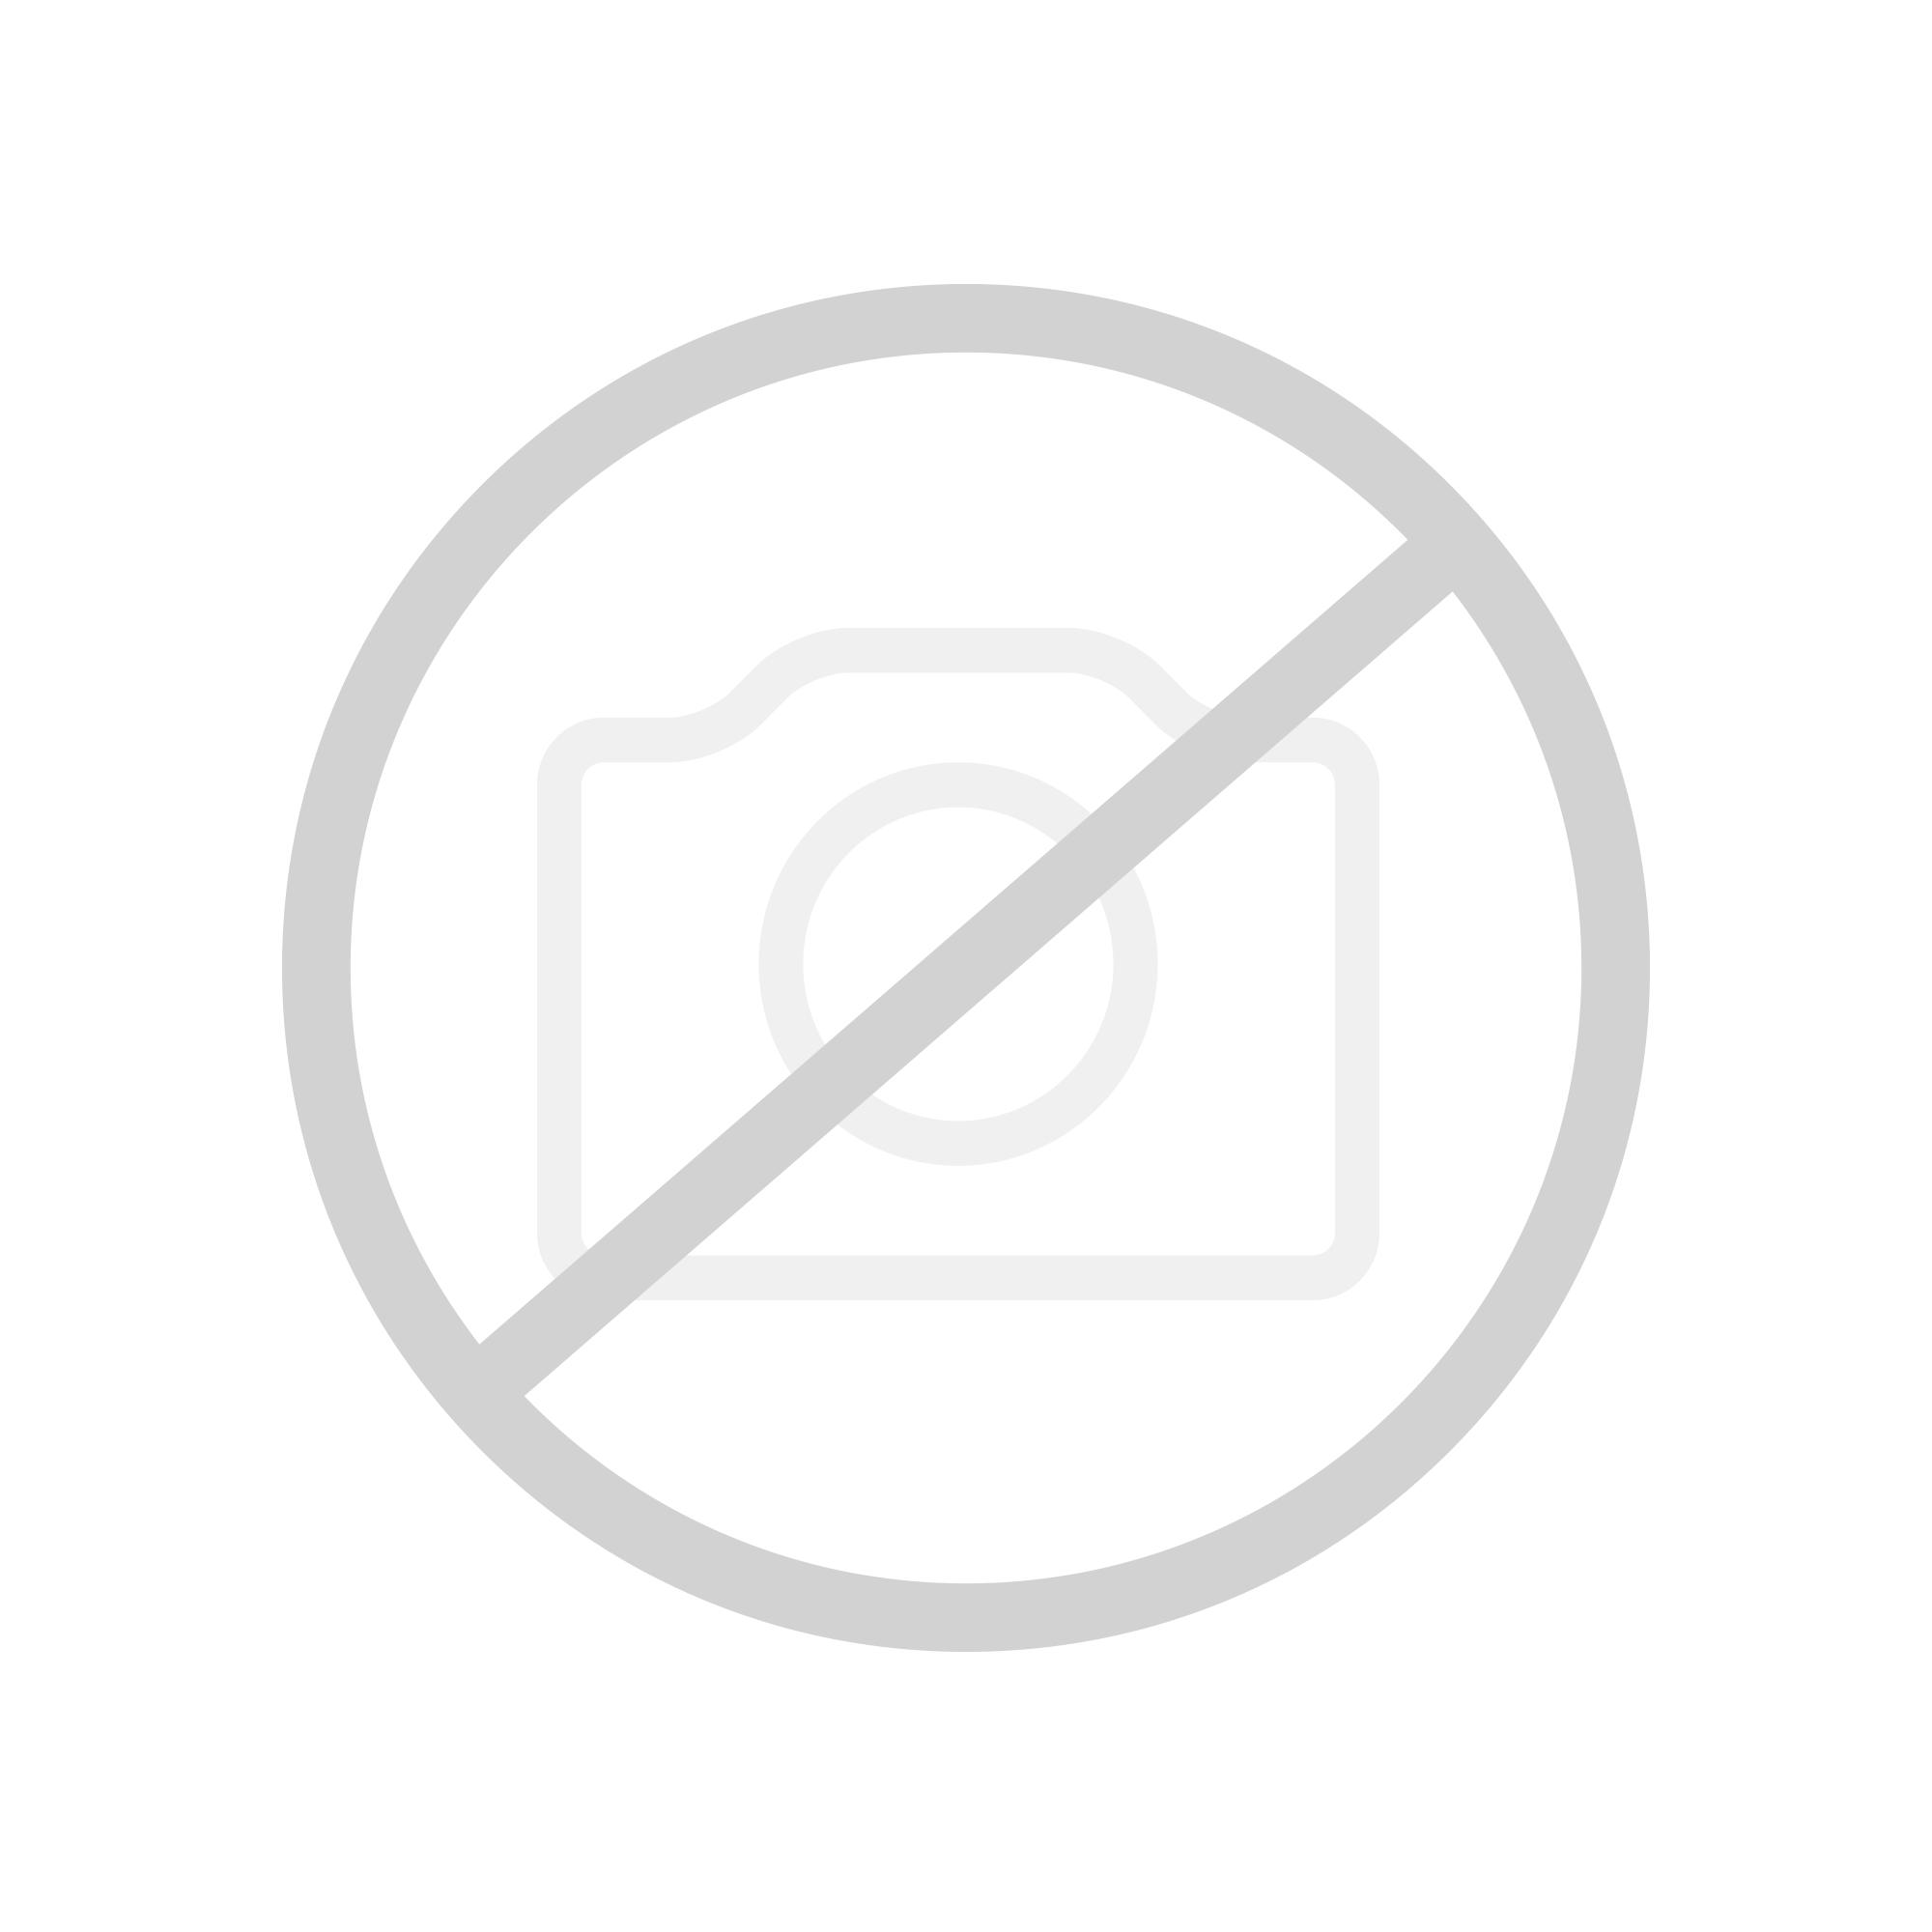 Badezimmer Maritim Einrichten: Maritim einrichten Tipps und Tricks ...